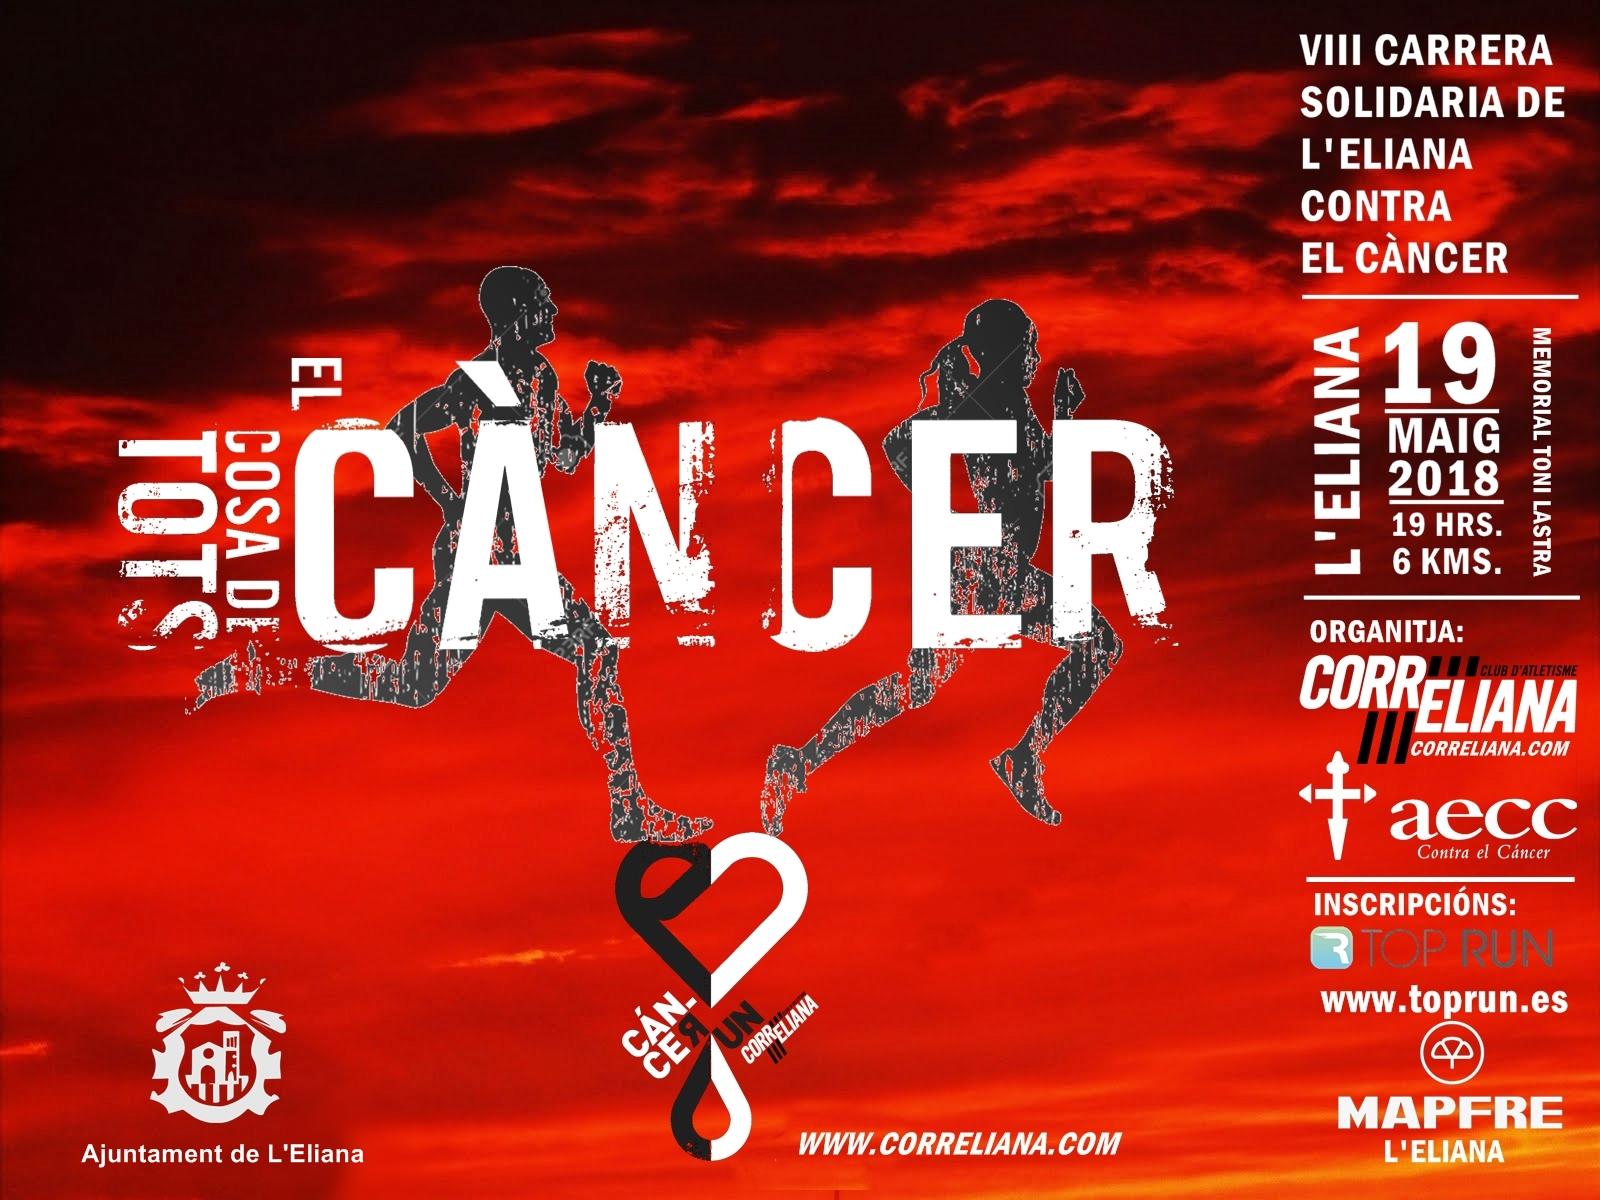 VIII Carrera Solidaria L'Eliana contra el cáncer